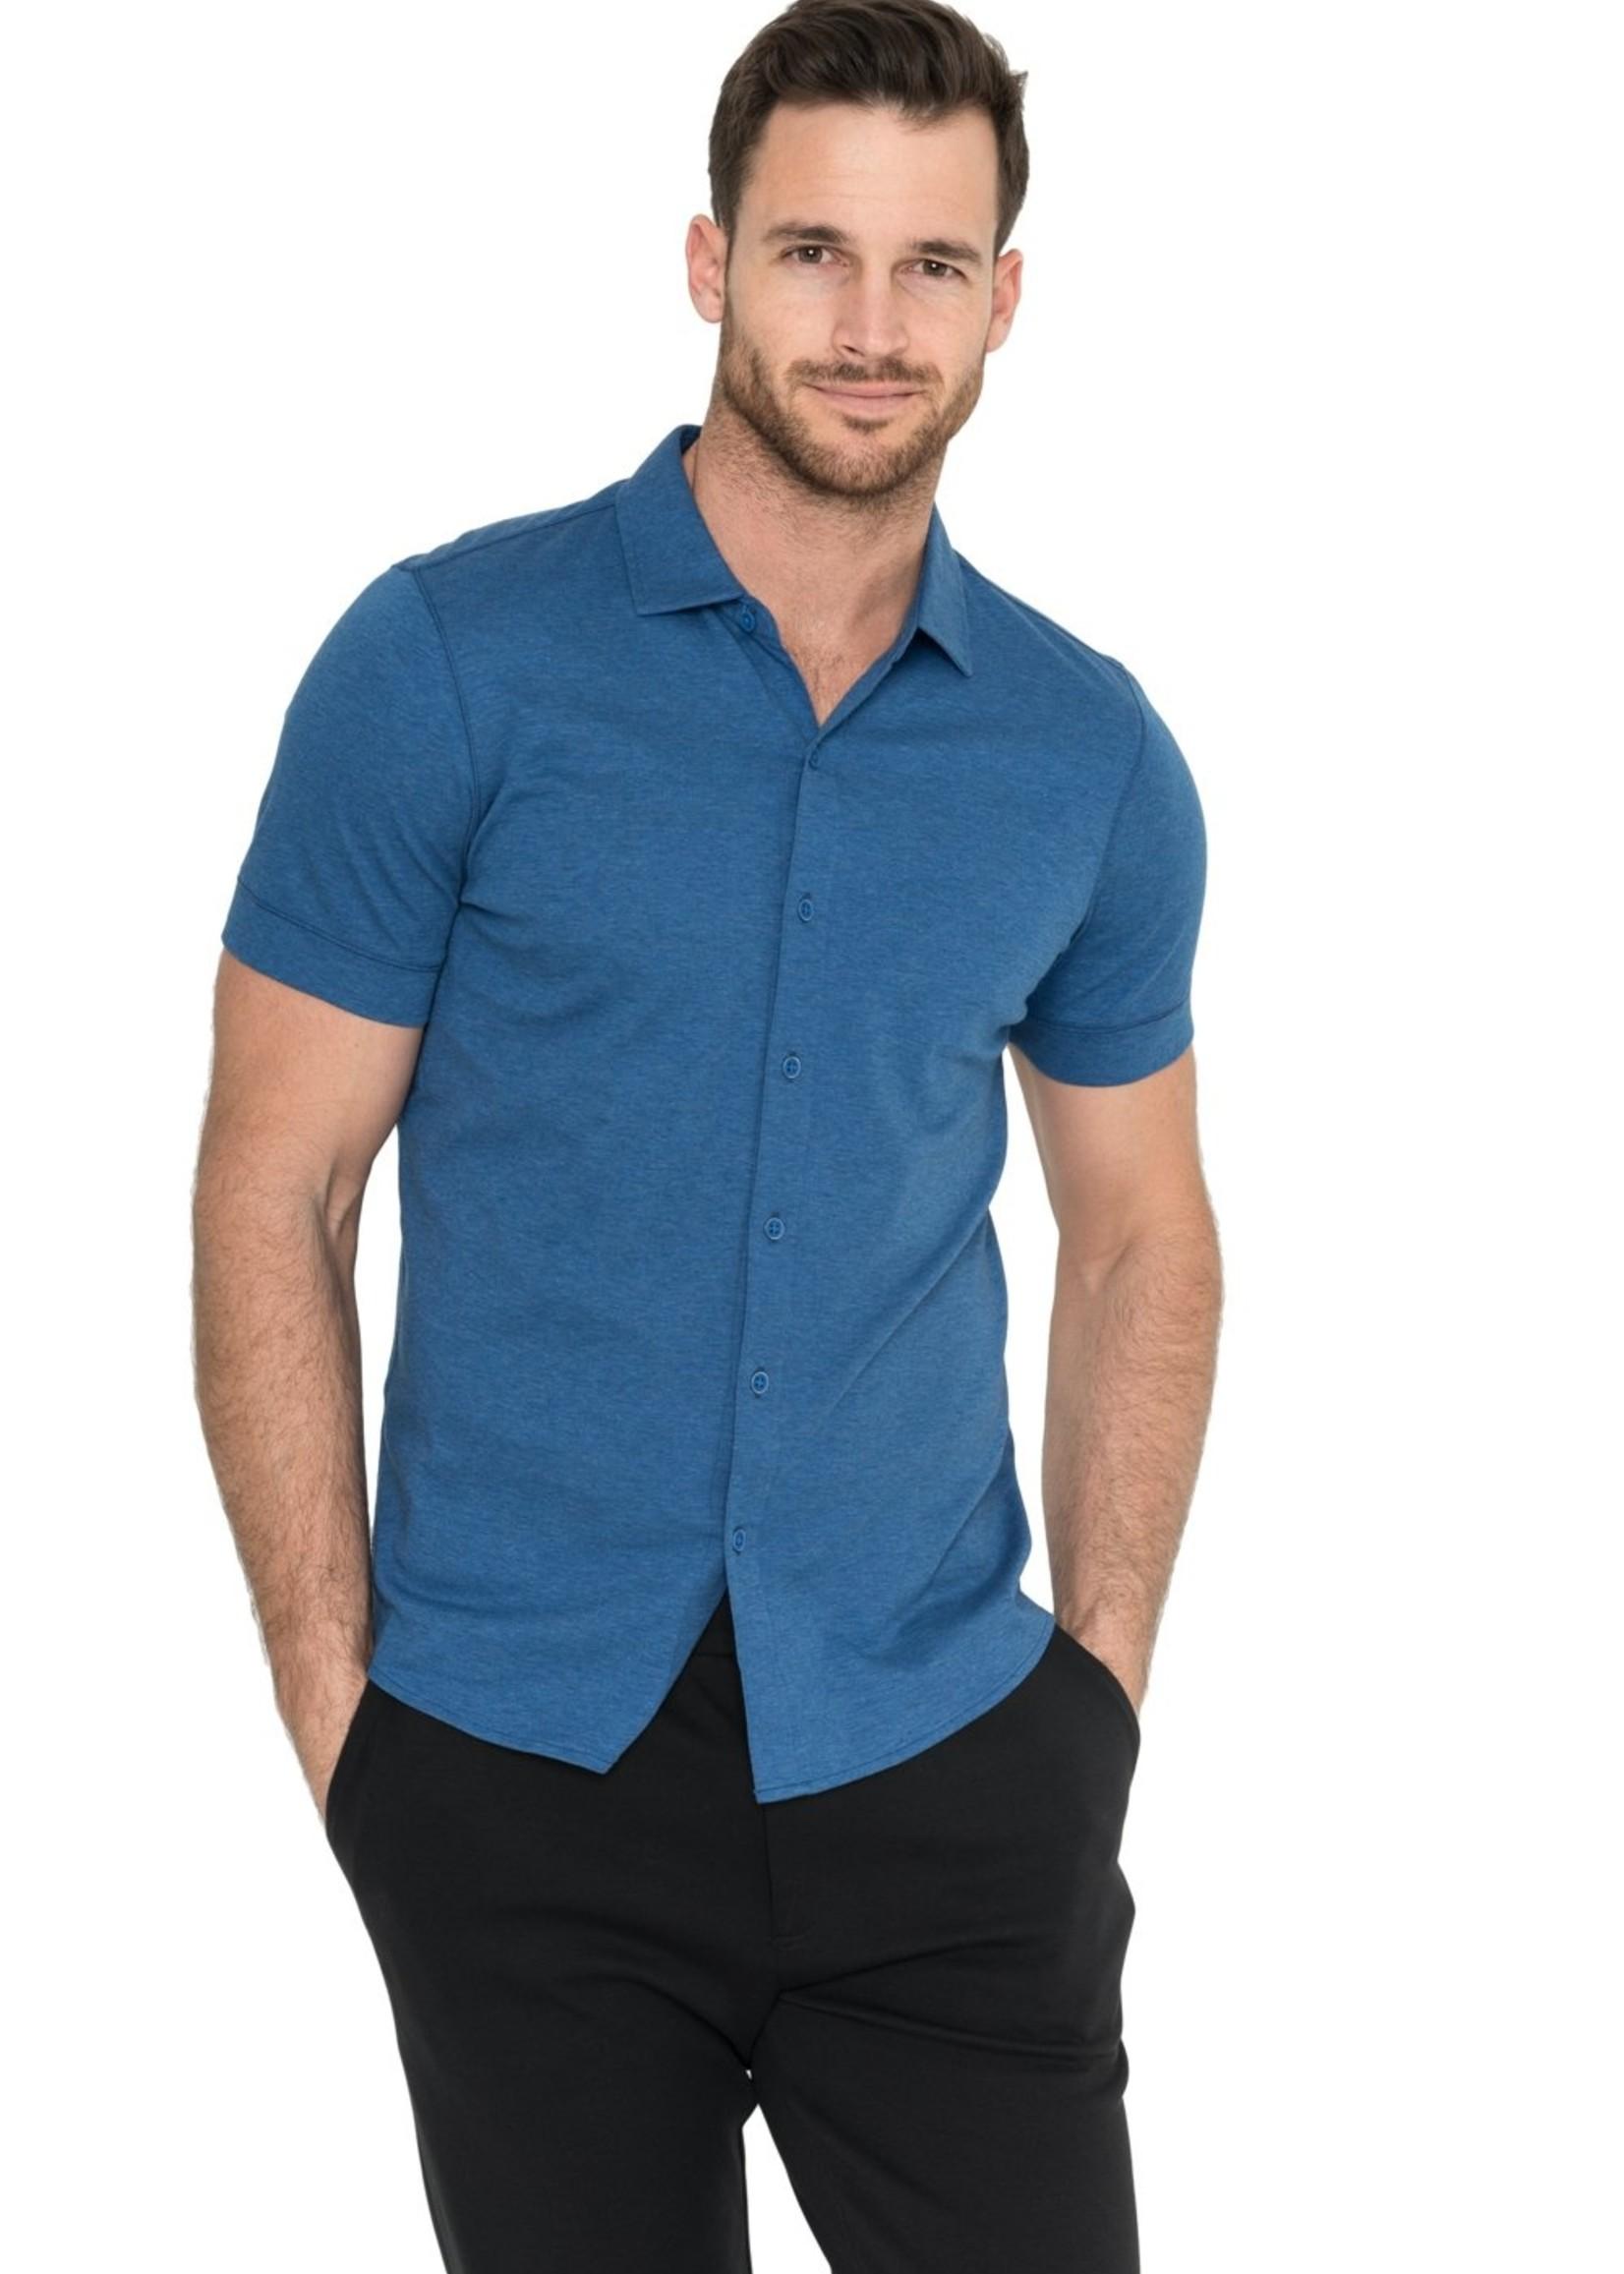 Raffi Raffi Aqua Cotton Short Sleeve Shirt Denim